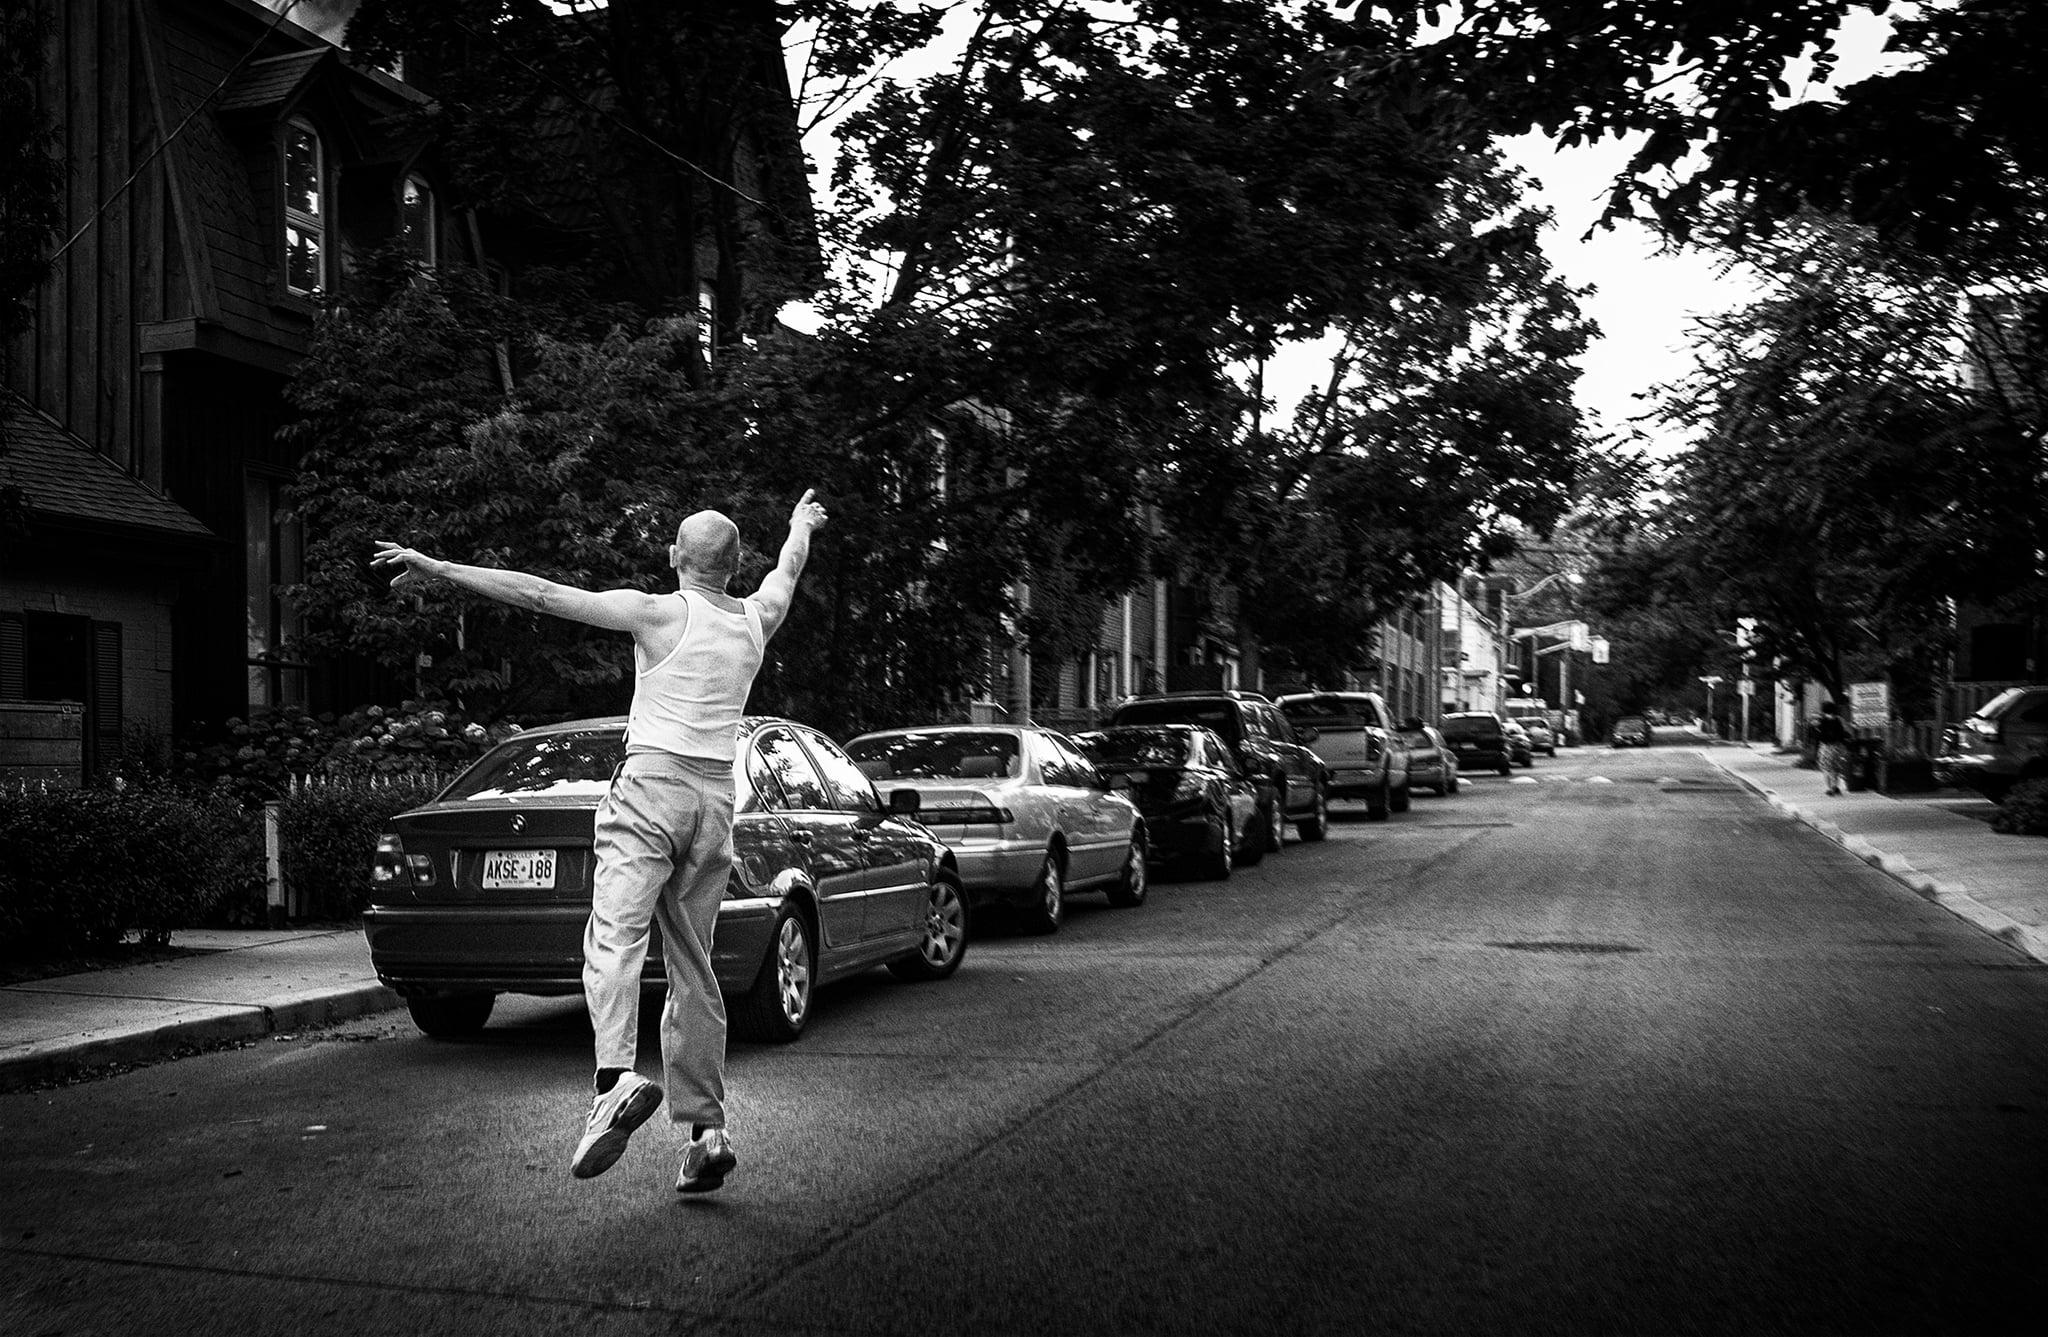 man_dancing_ontario-street_01.jpg